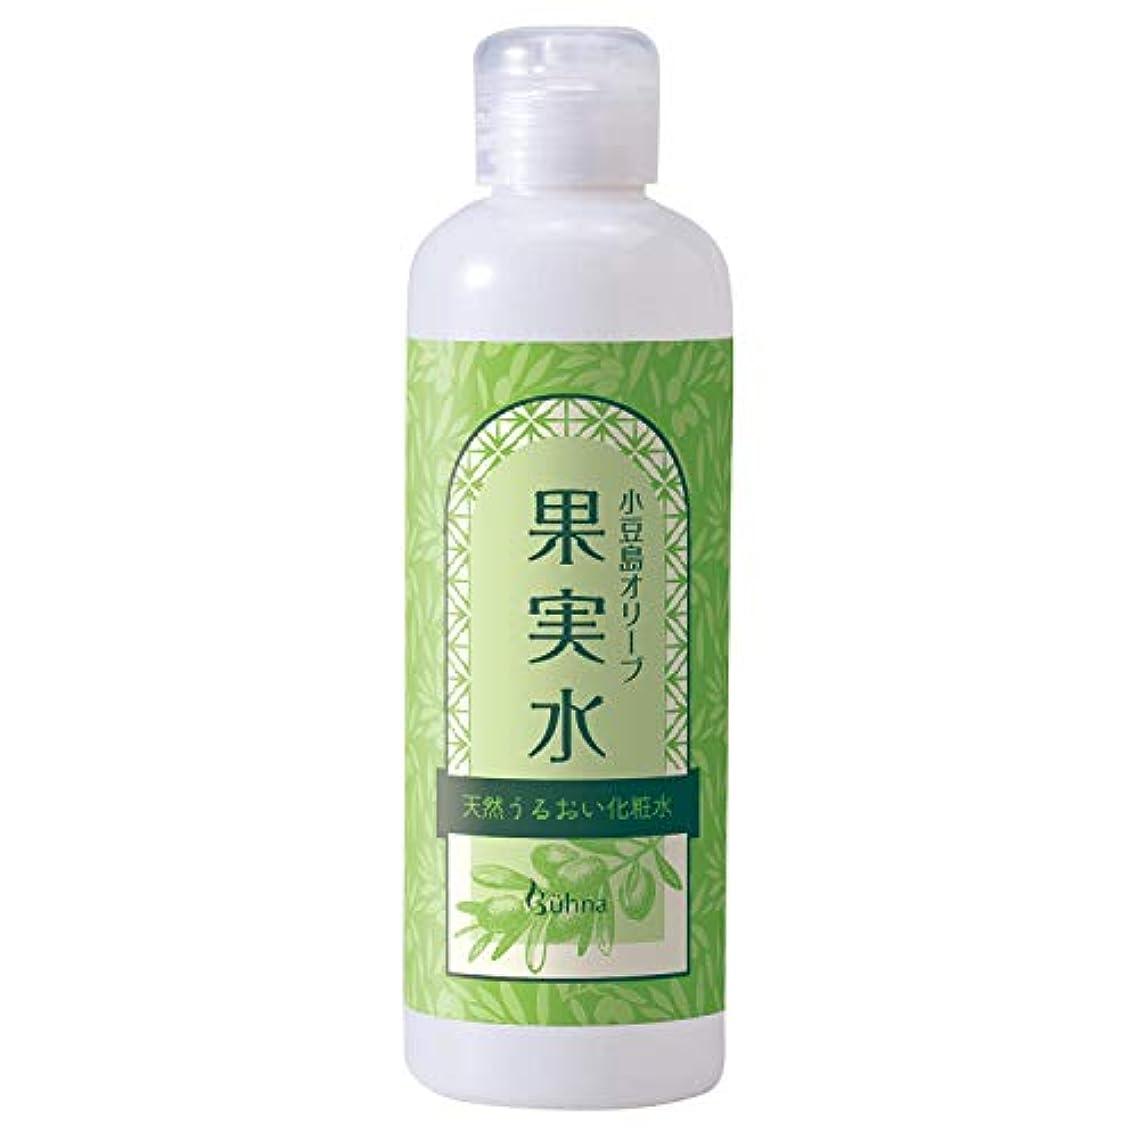 ポータル受粉する報復ビューナ 小豆島オリーブ果実水 化粧水 保湿 オリーブオイル 無着色 アルコールフリー パラベンフリー 合成香料不使用